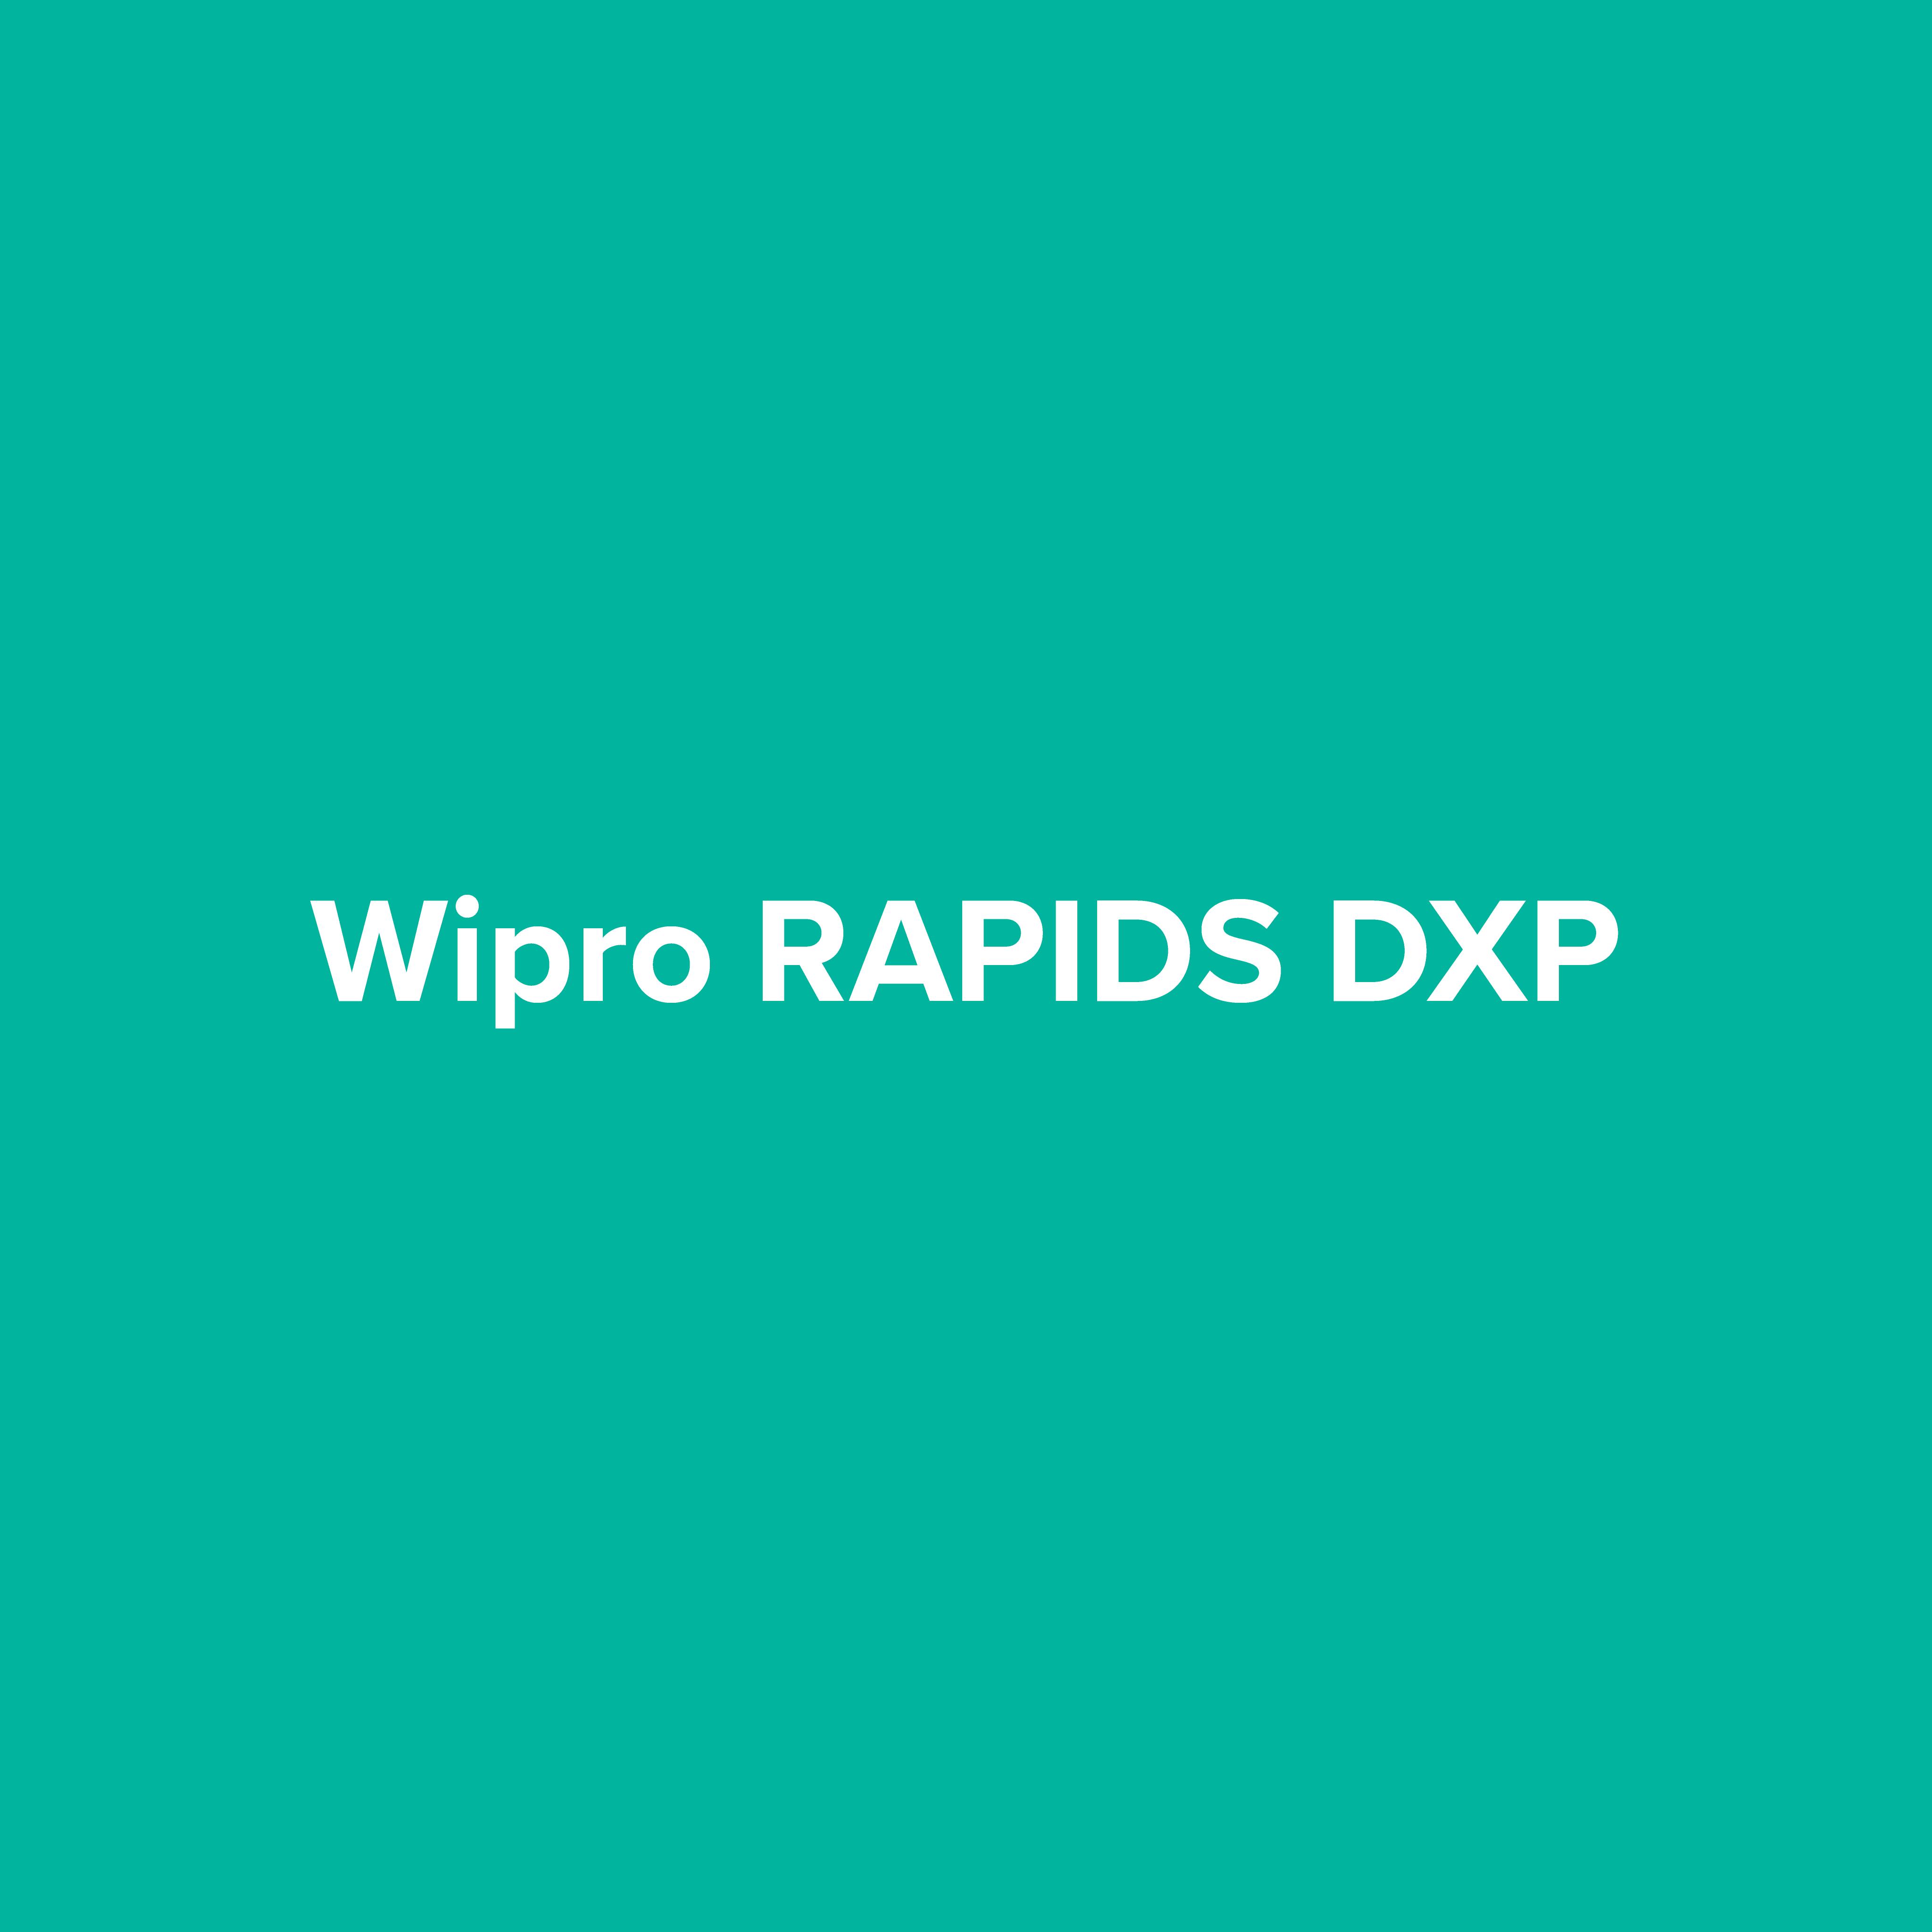 Wipro RAPIDS™  DXP